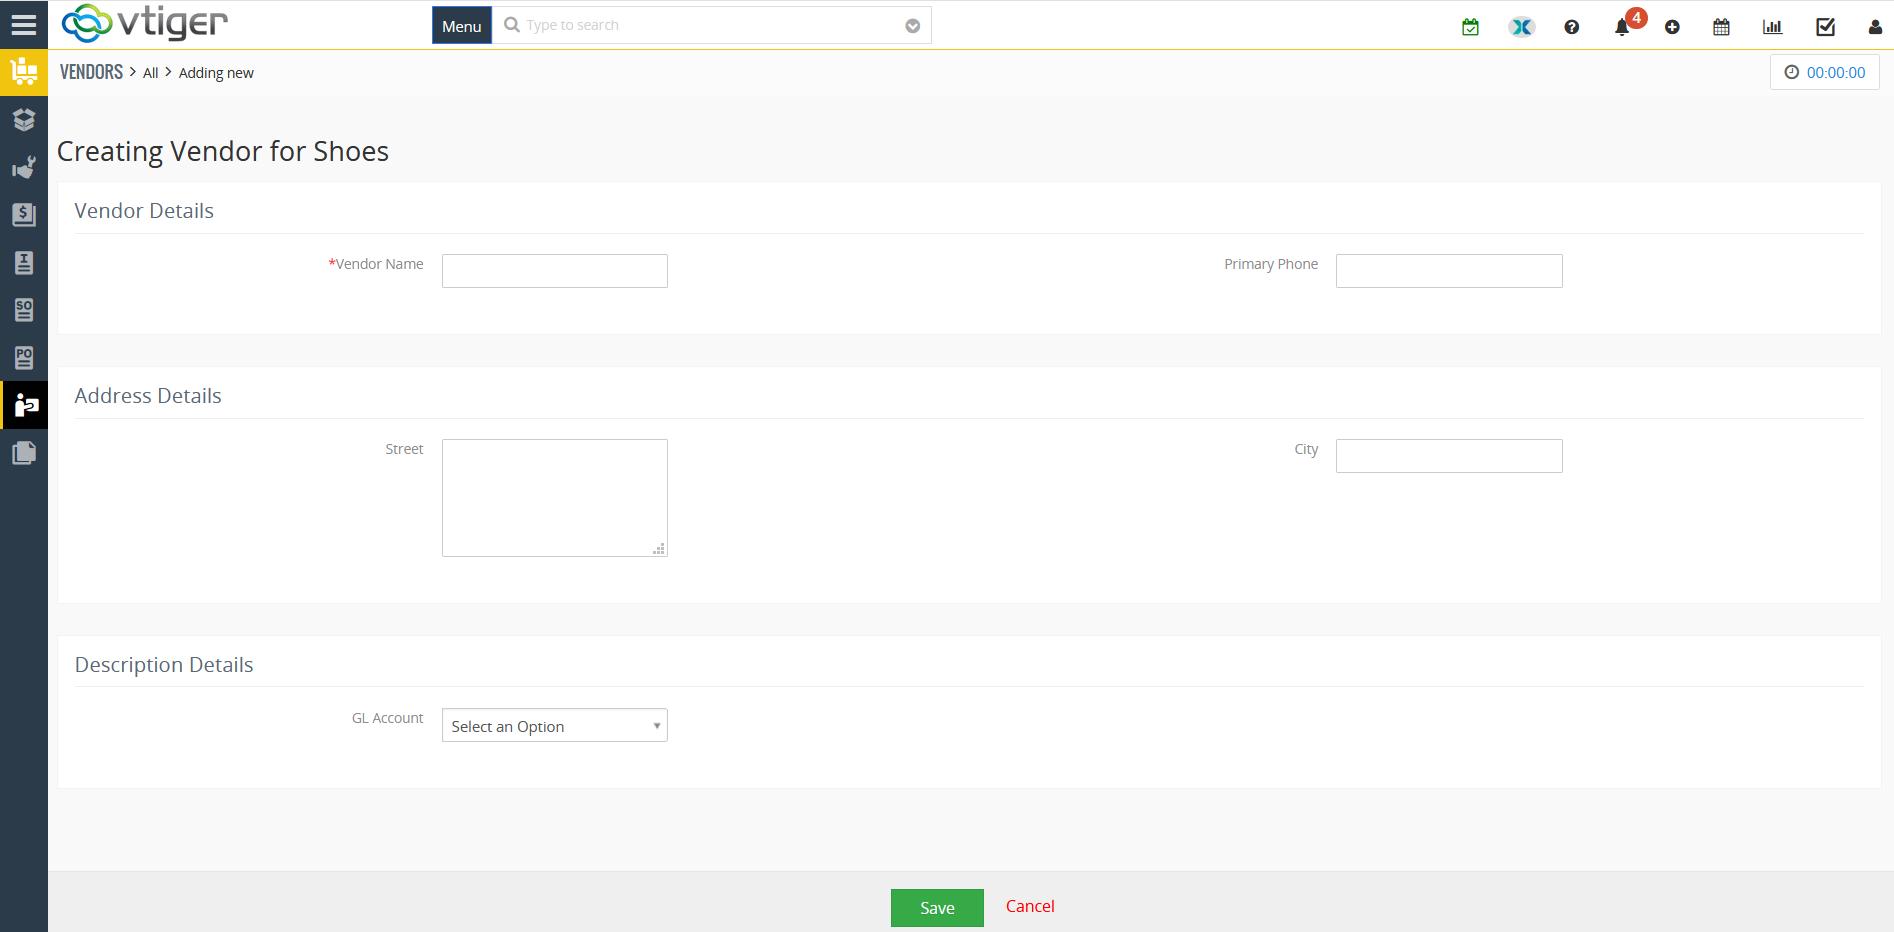 Create Custom Form in Vtiger